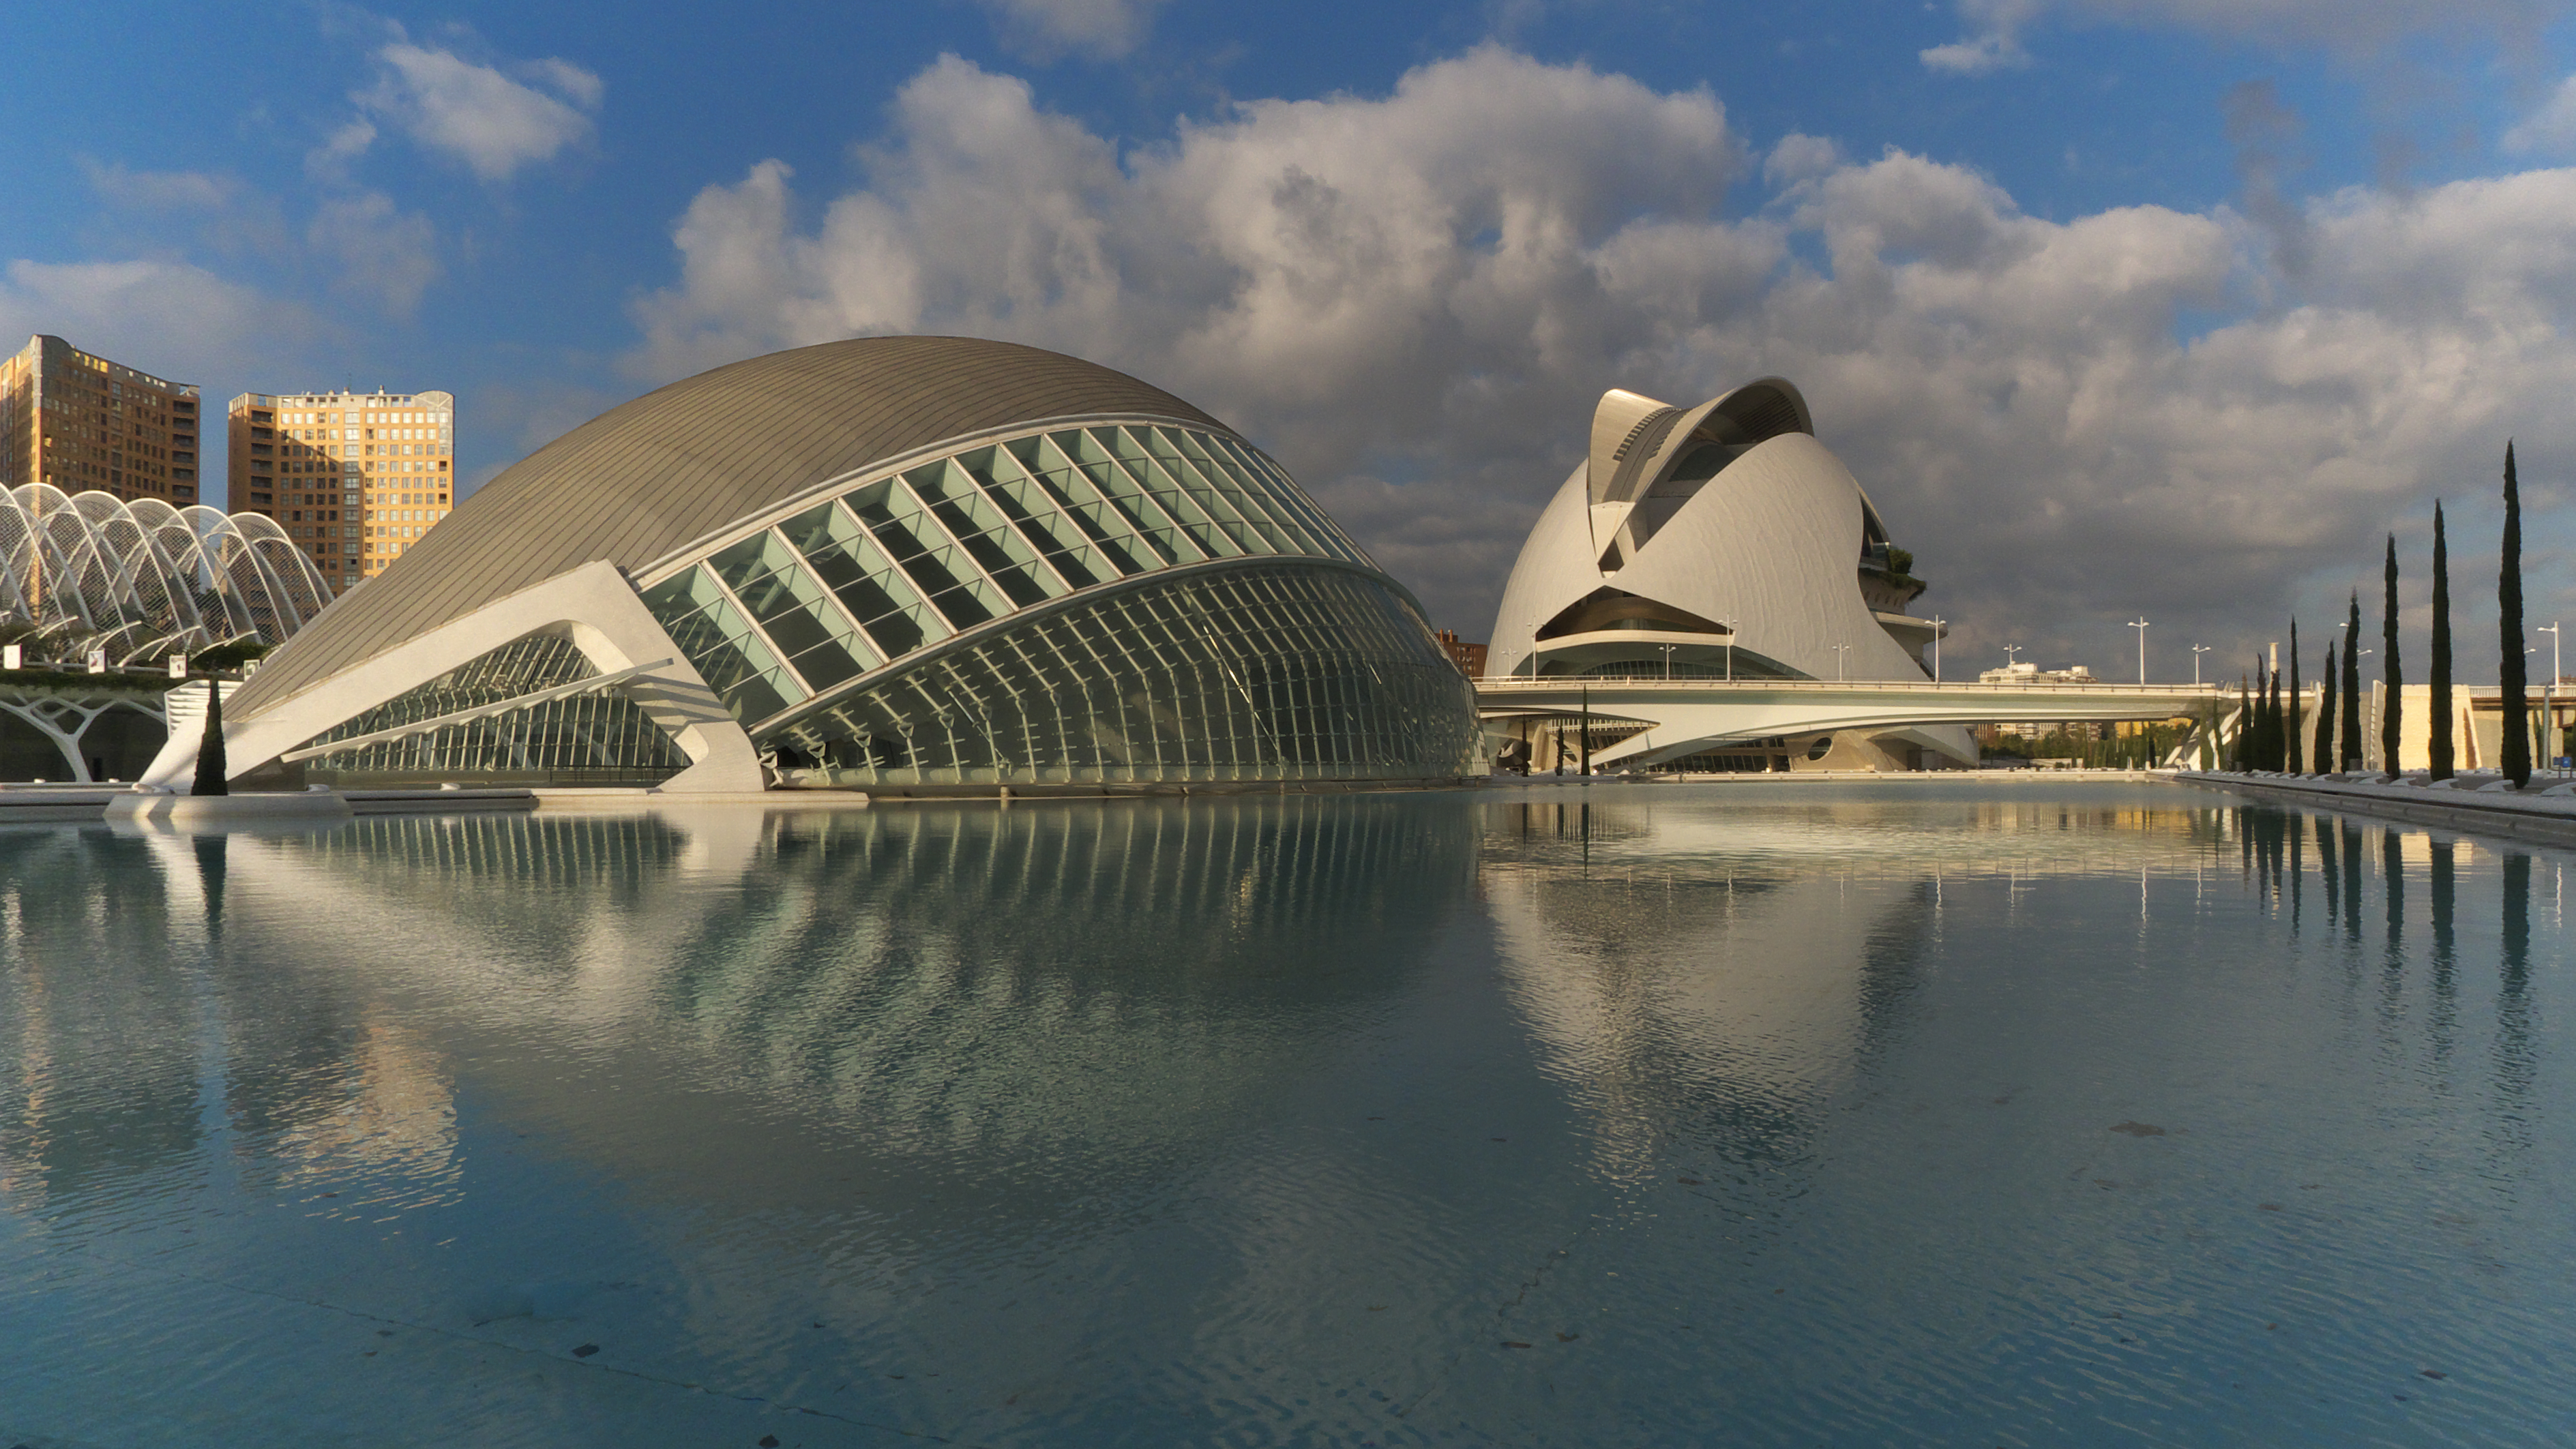 File:Ciudad de las Artes y las Ciencias. Valencia.jpg - Wikimedia Commons